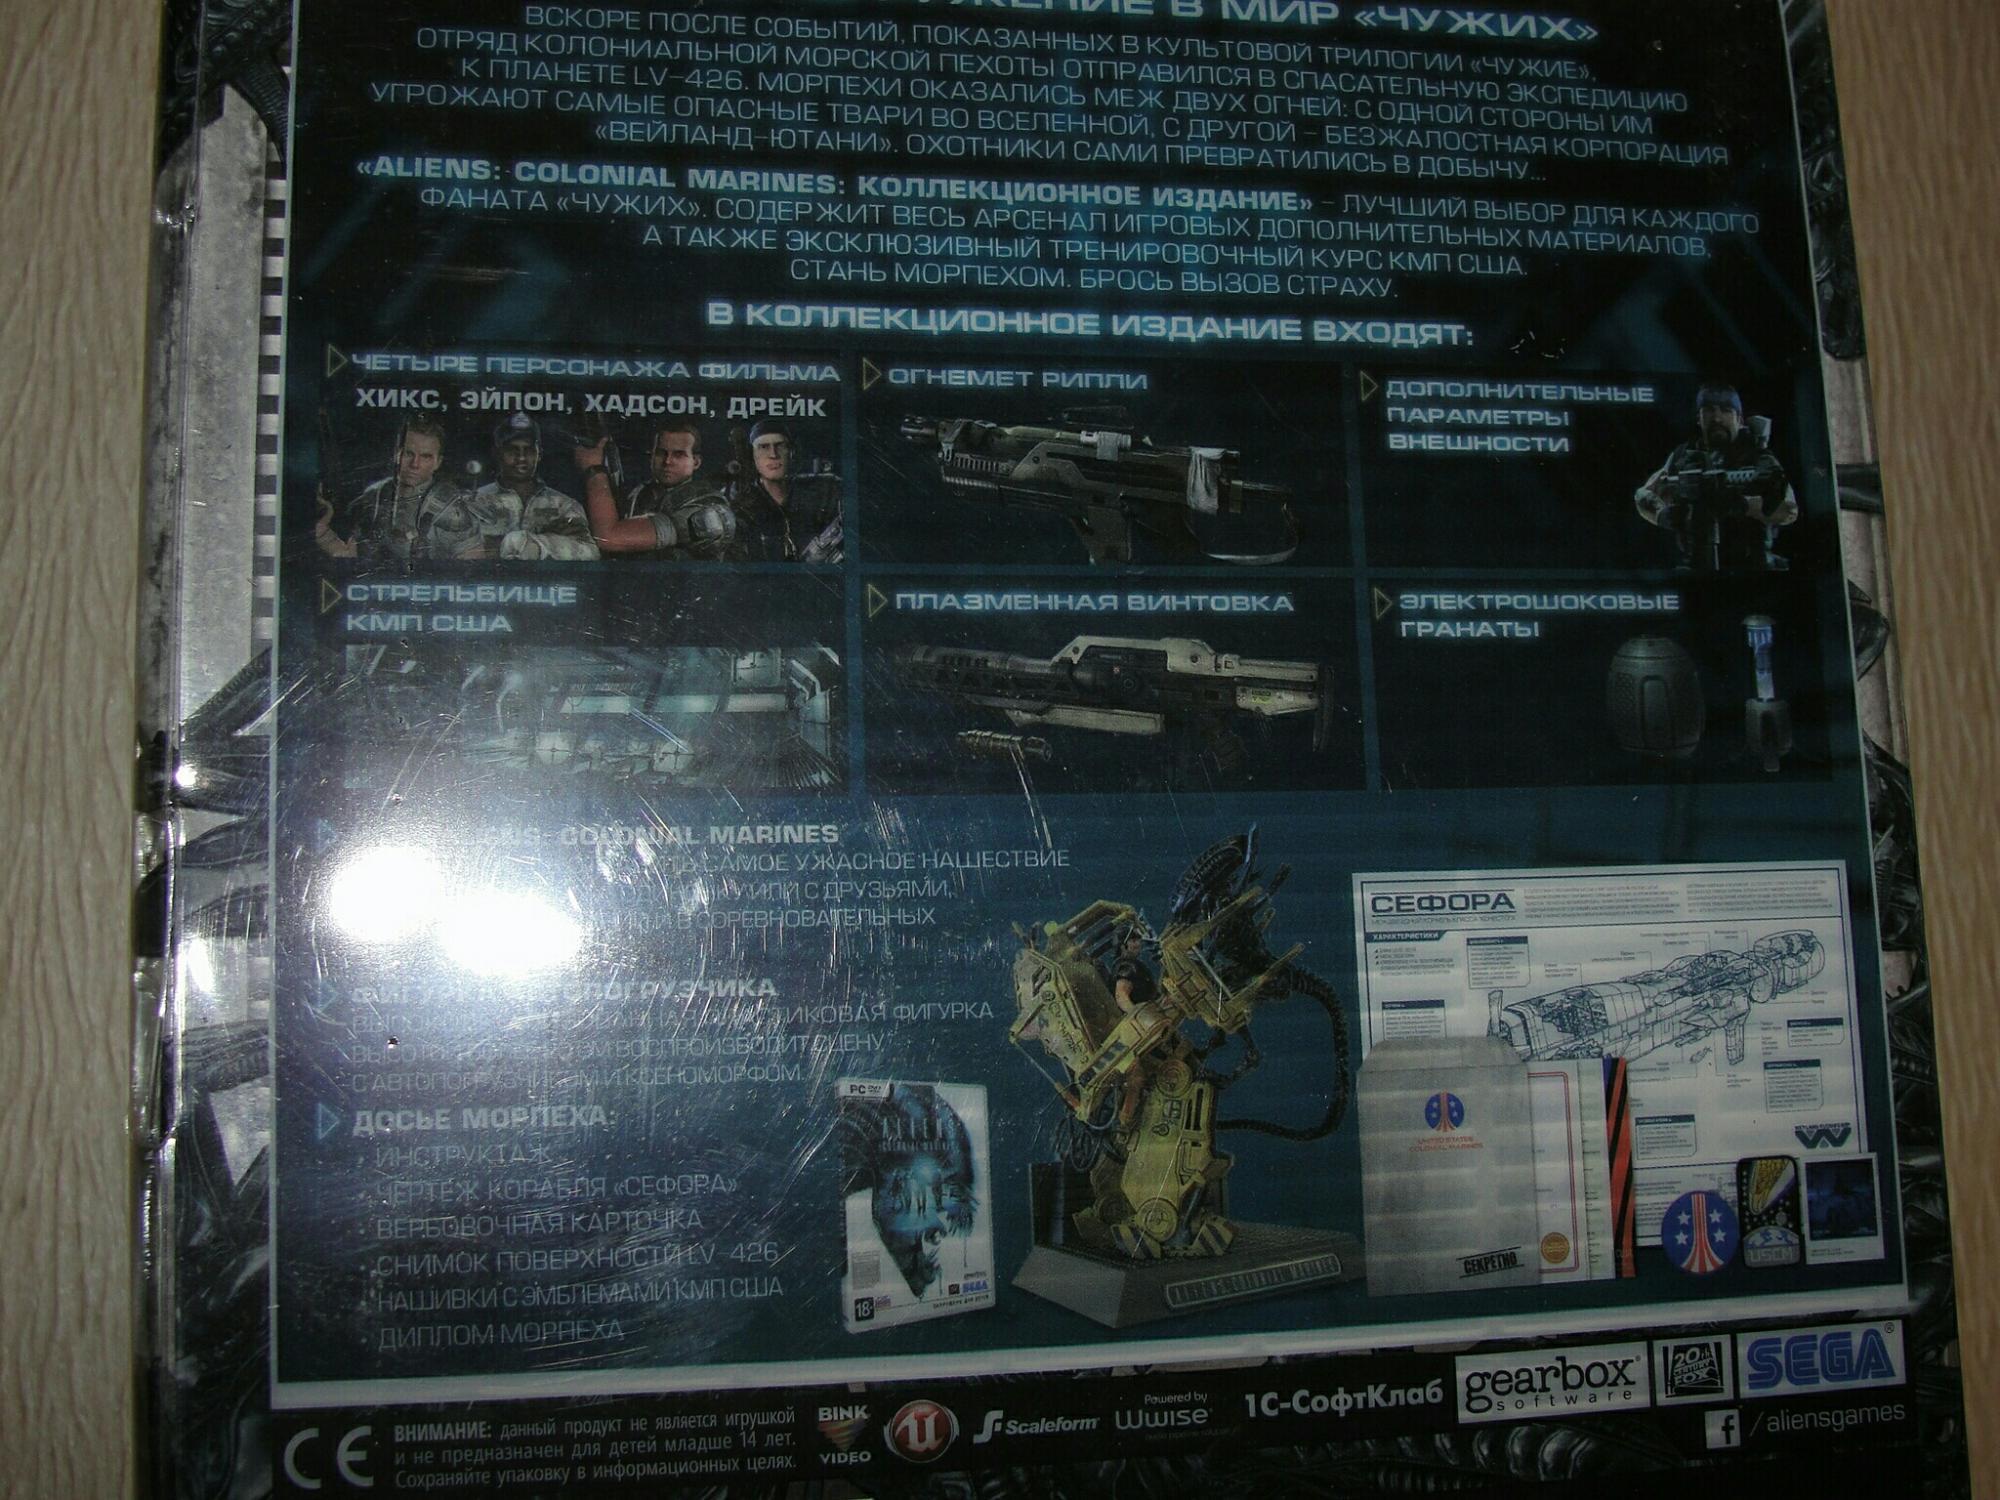 Aliens C.M. фигурка в Москве 89772562788 купить 3